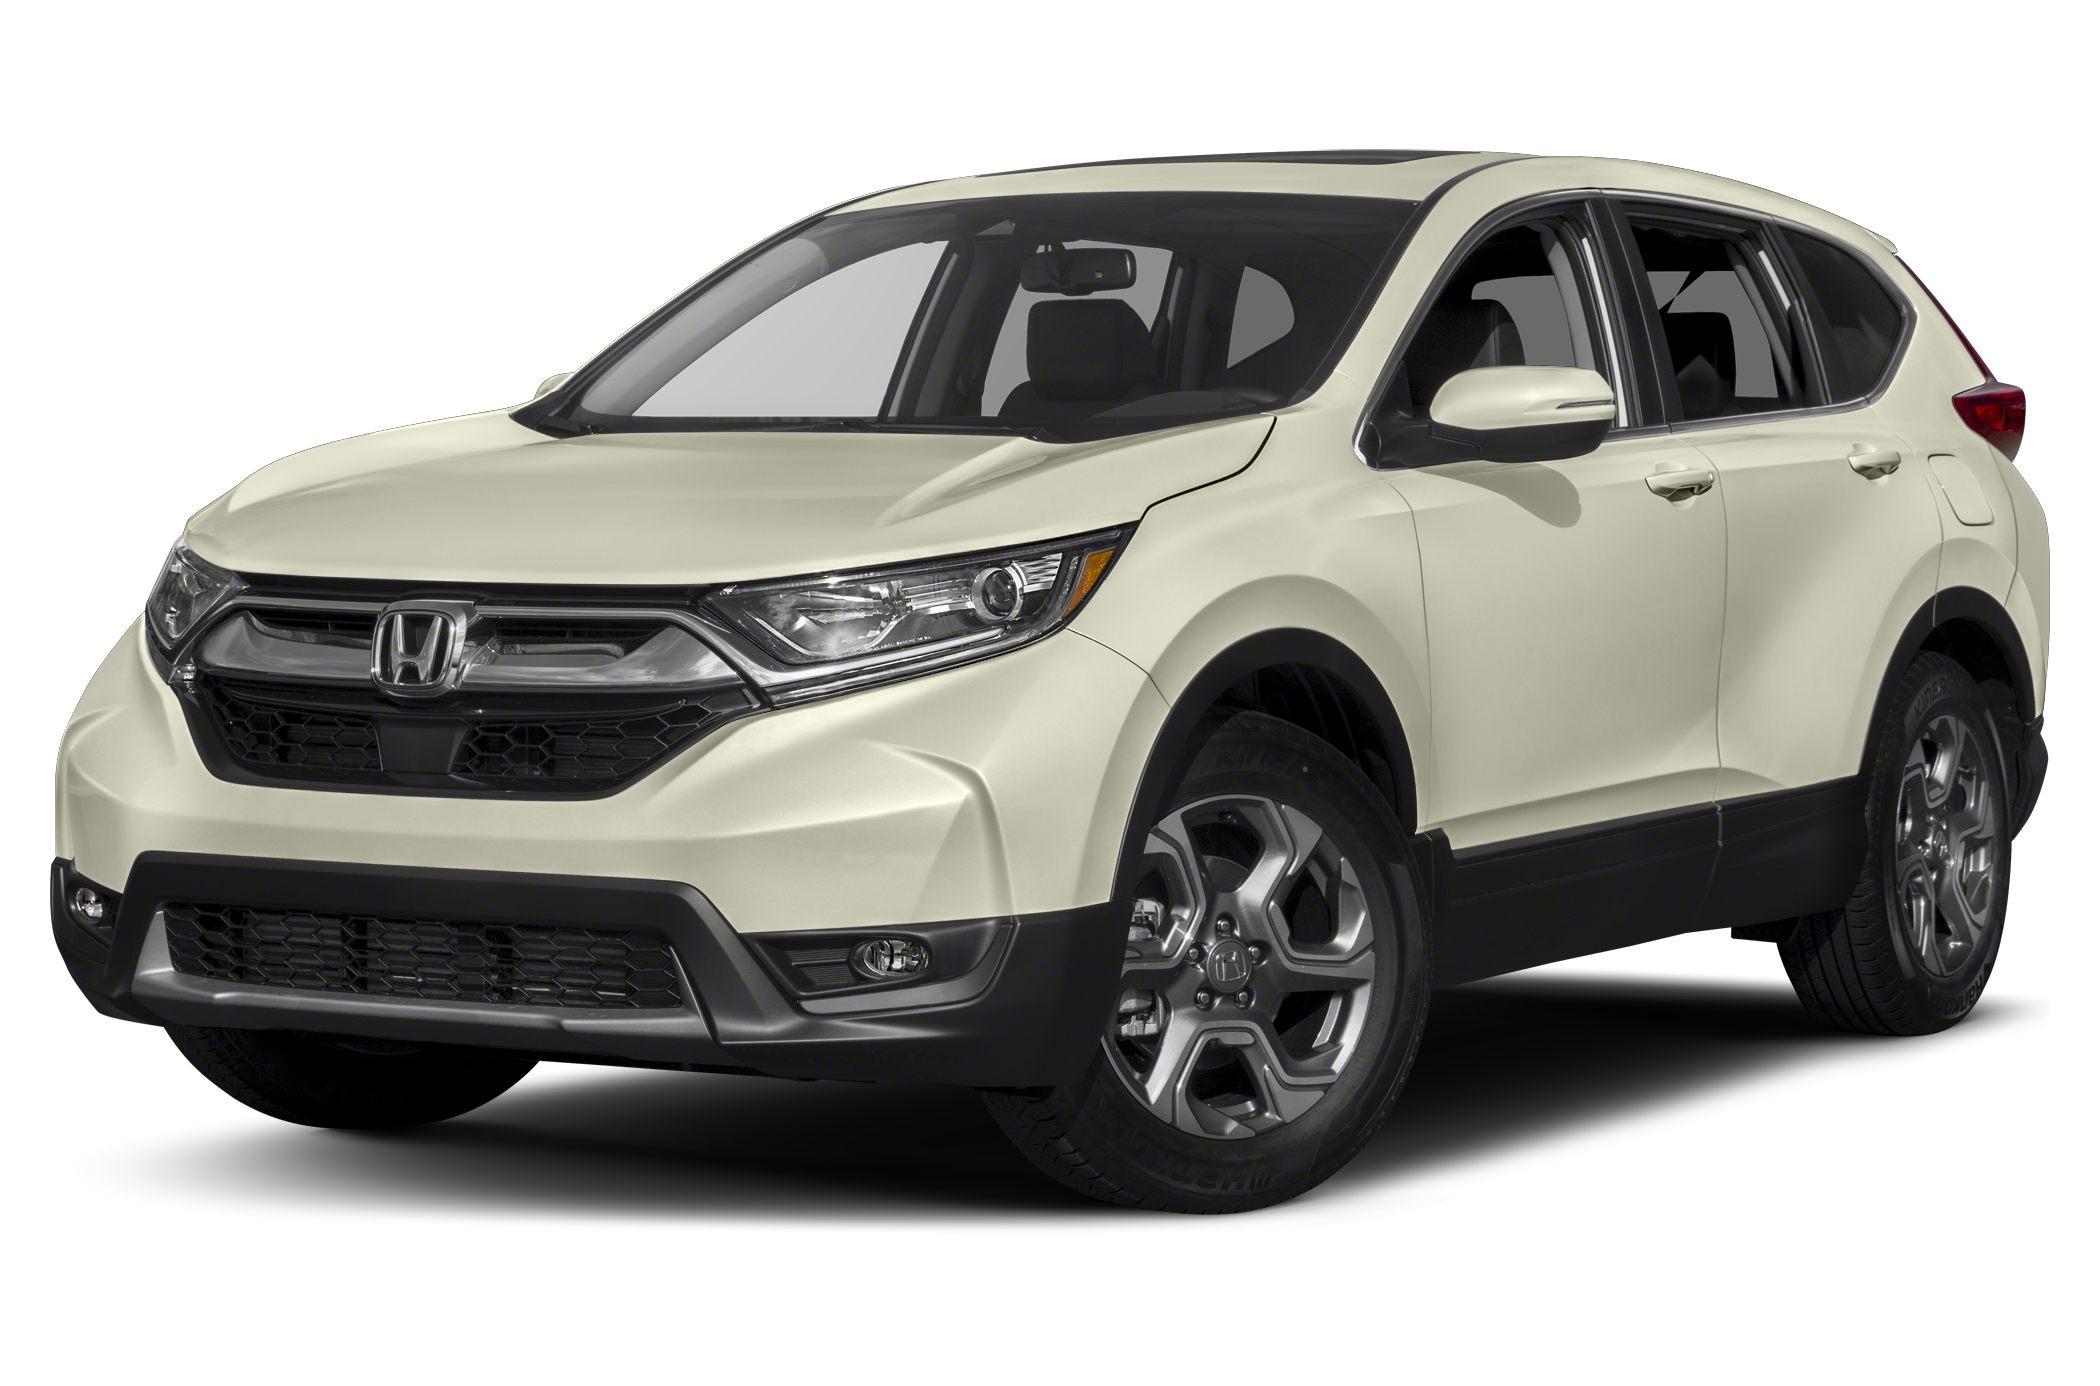 2017 Honda Cr V Reviews Specs And Prices Cars Com